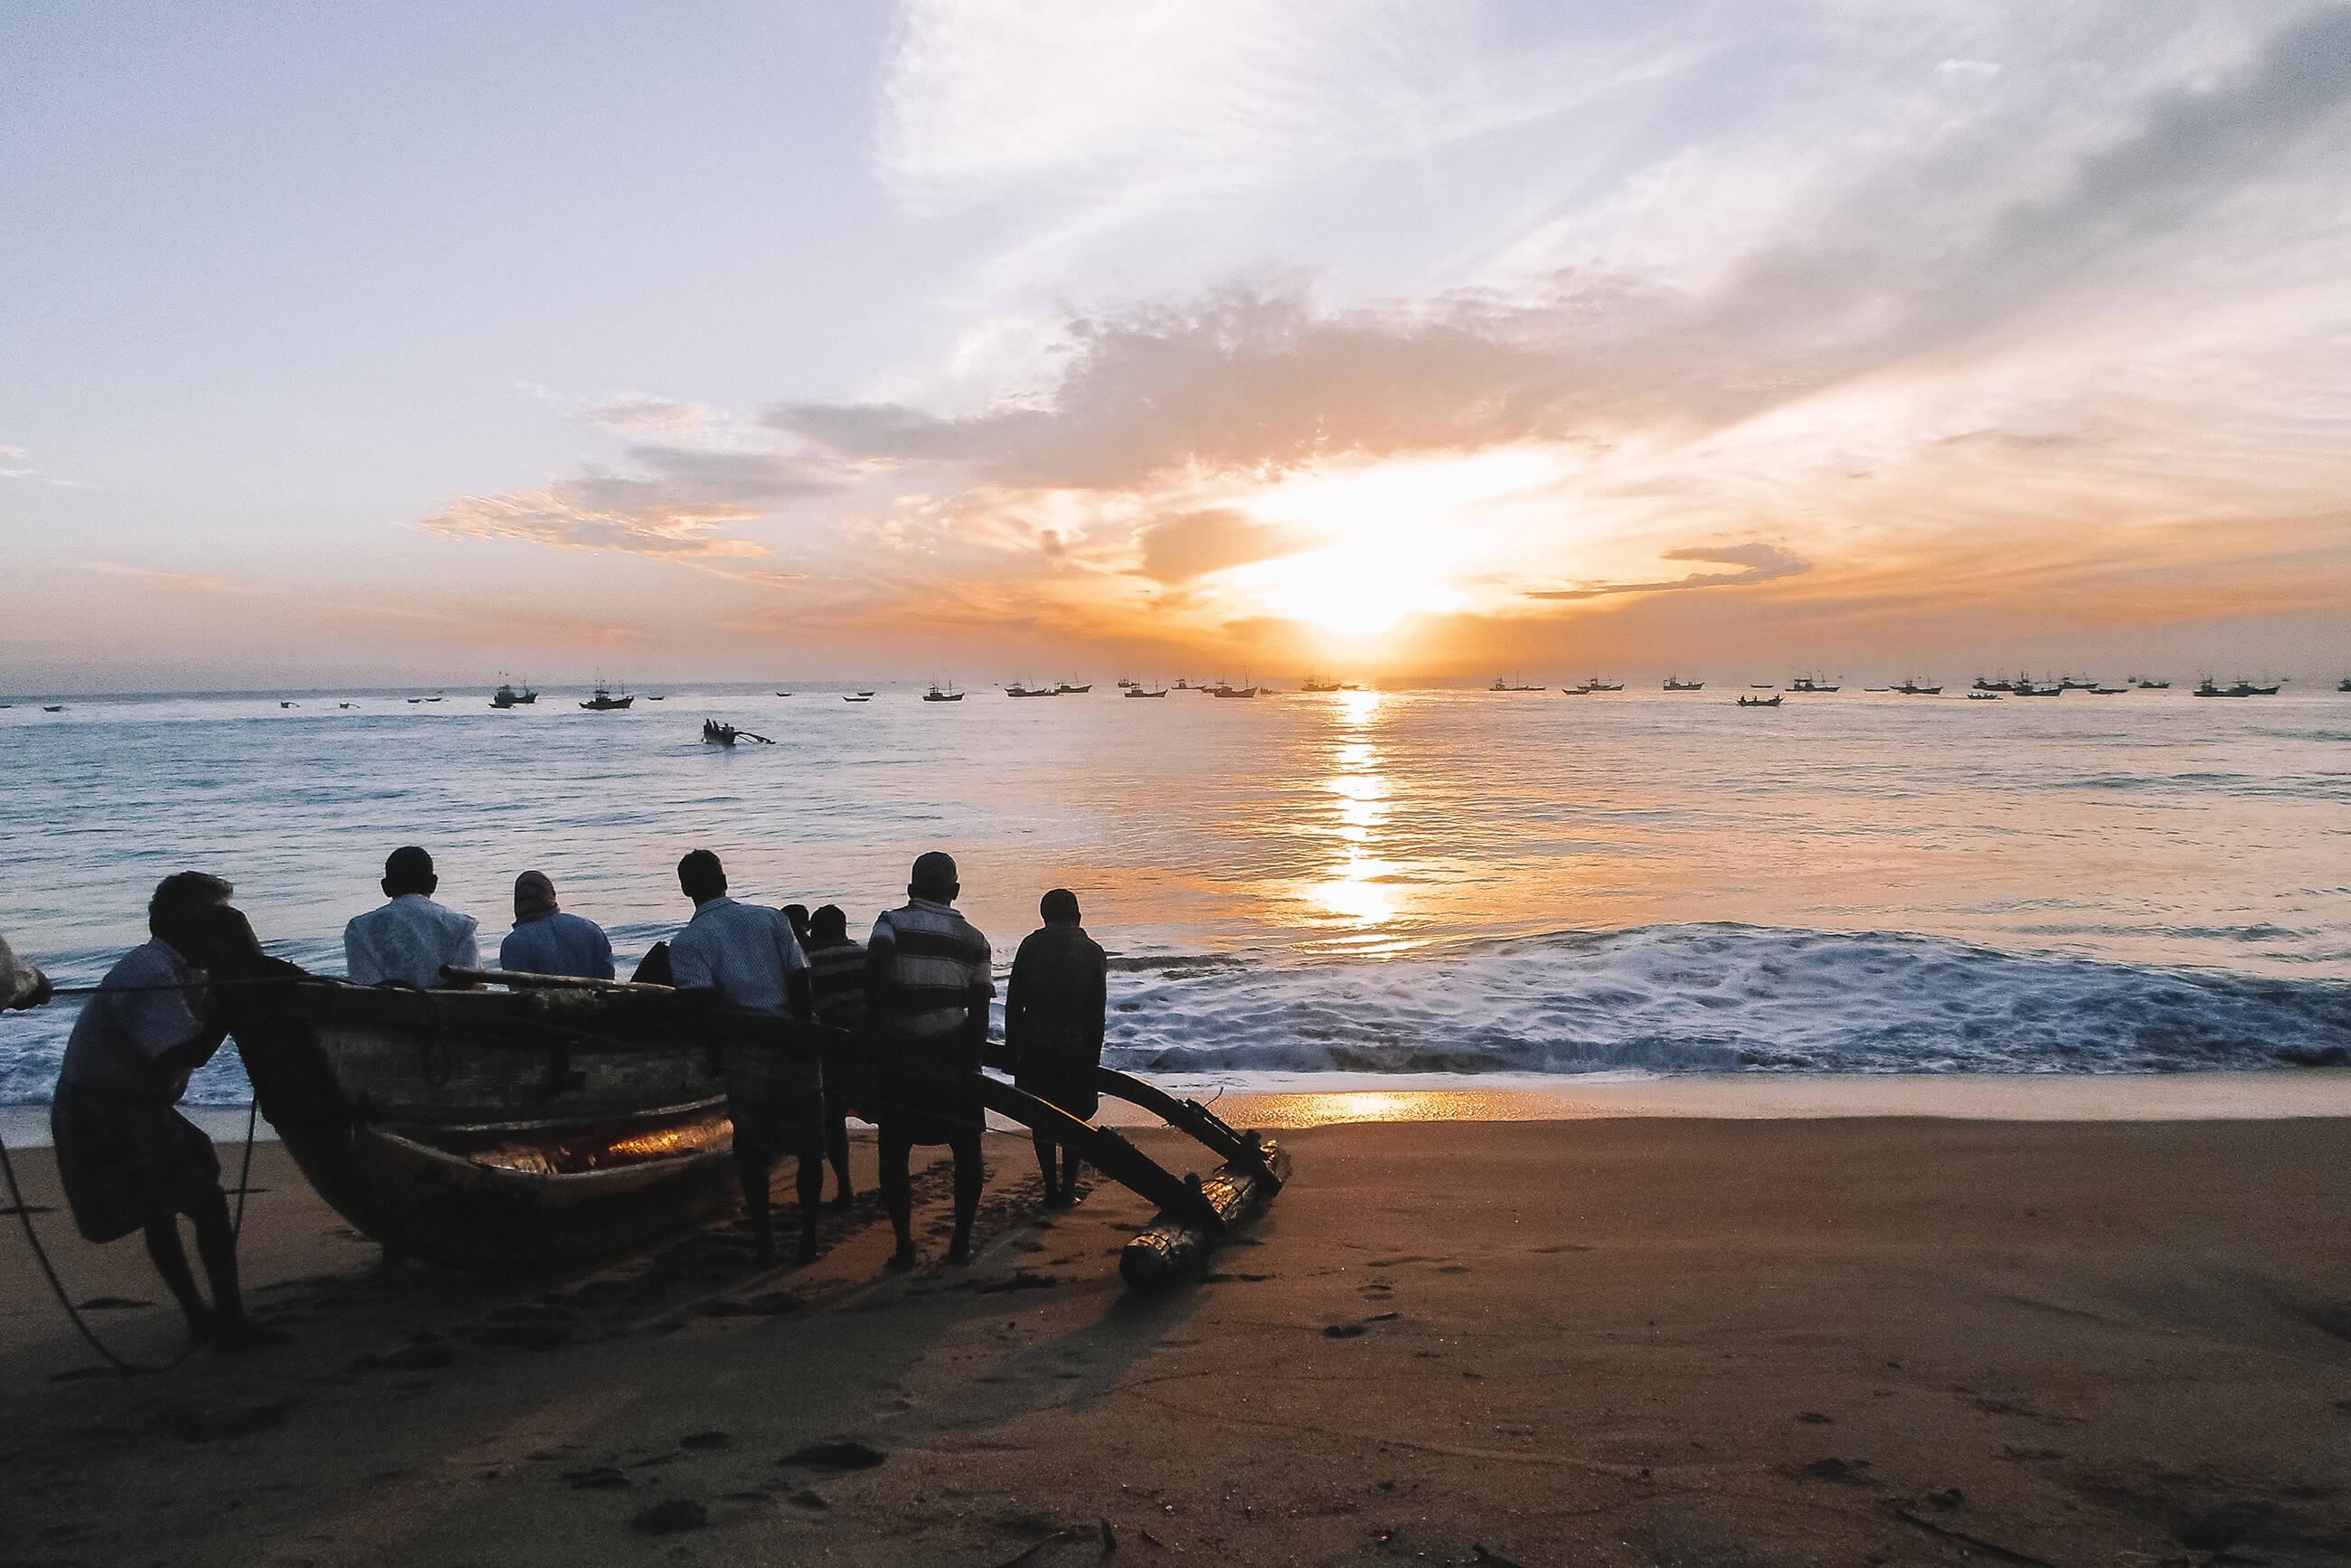 https://bubo.sk/uploads/galleries/5058/srilanka_beach-181872.jpg